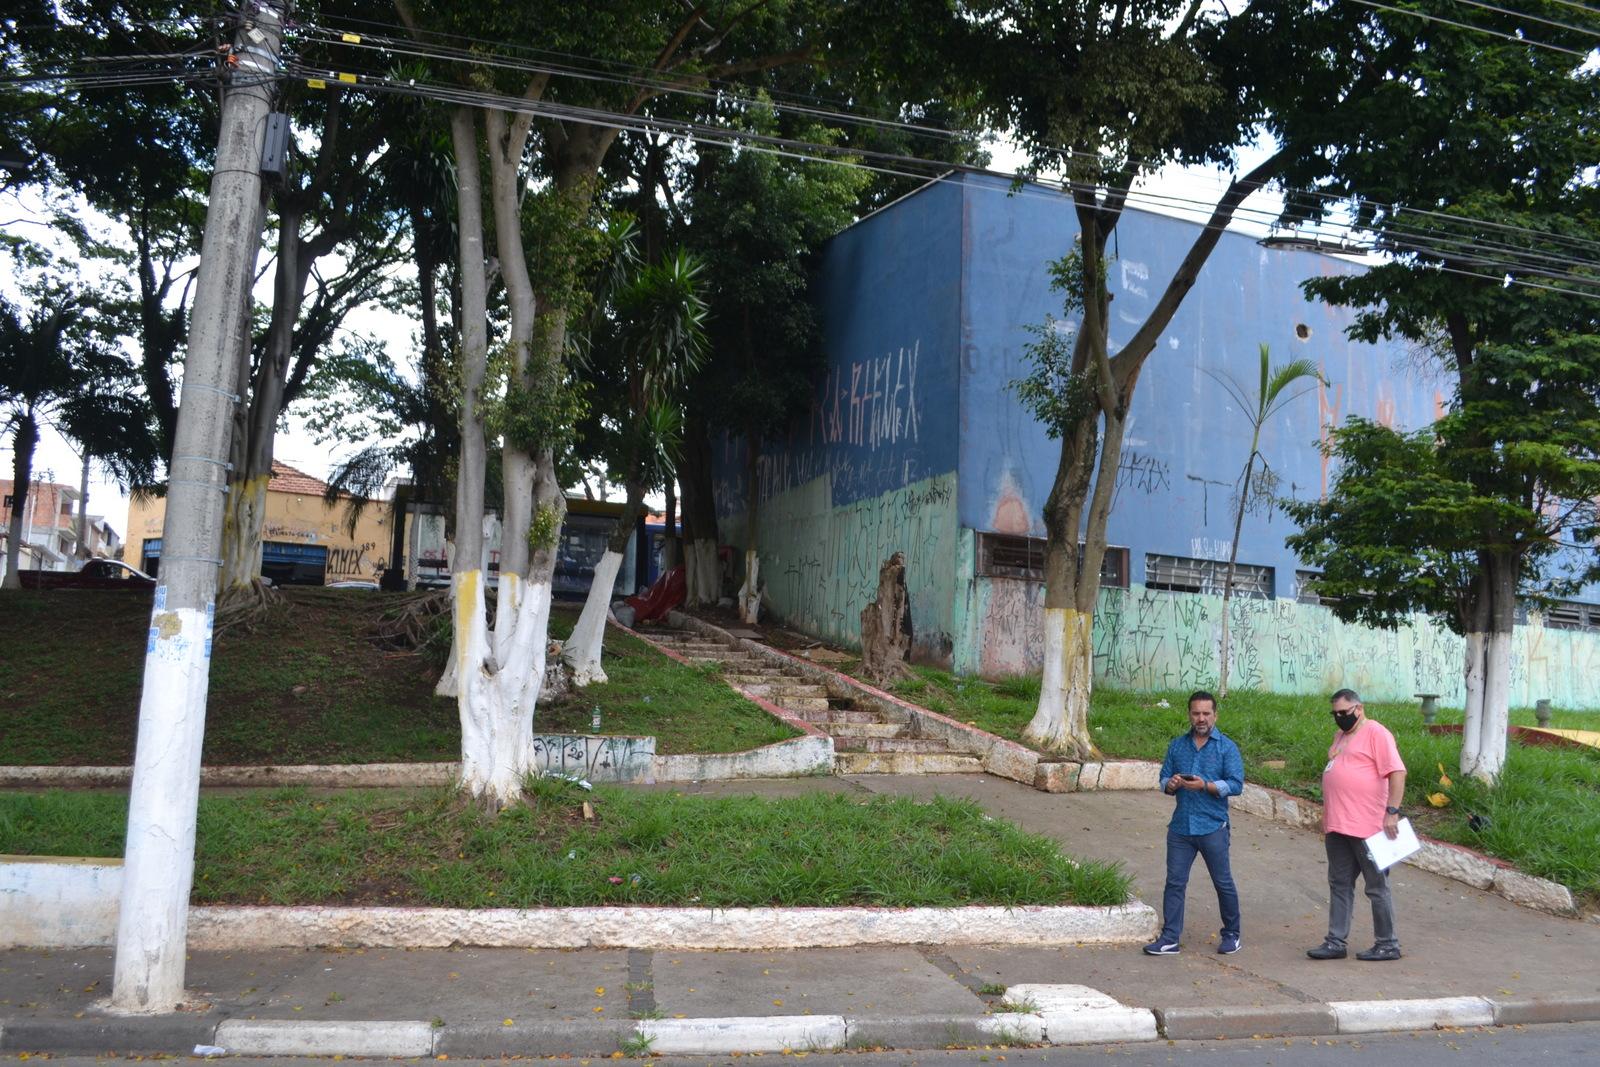 Petista apresenta emendas obrigatórias para revitalização de praças públicas em 2021